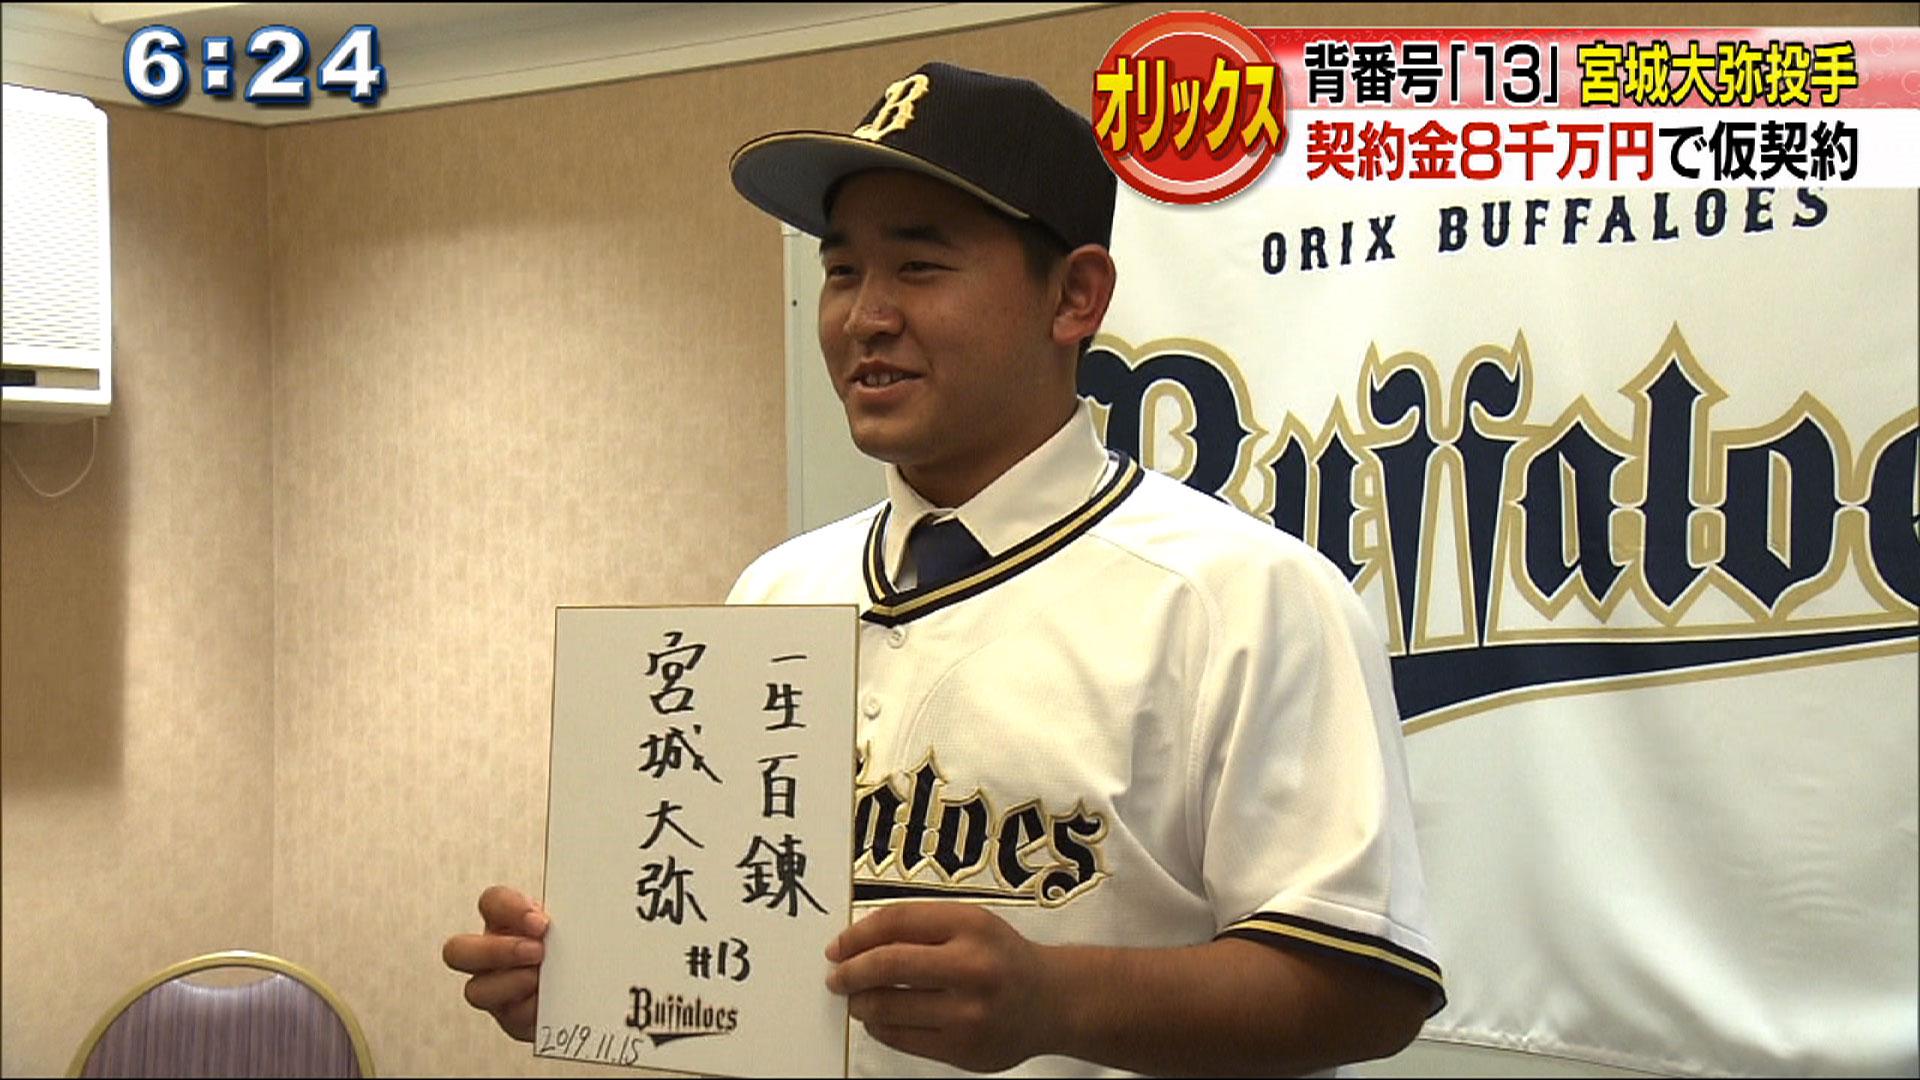 興南宮城投手 背番号は「13」 オリックスと仮契約